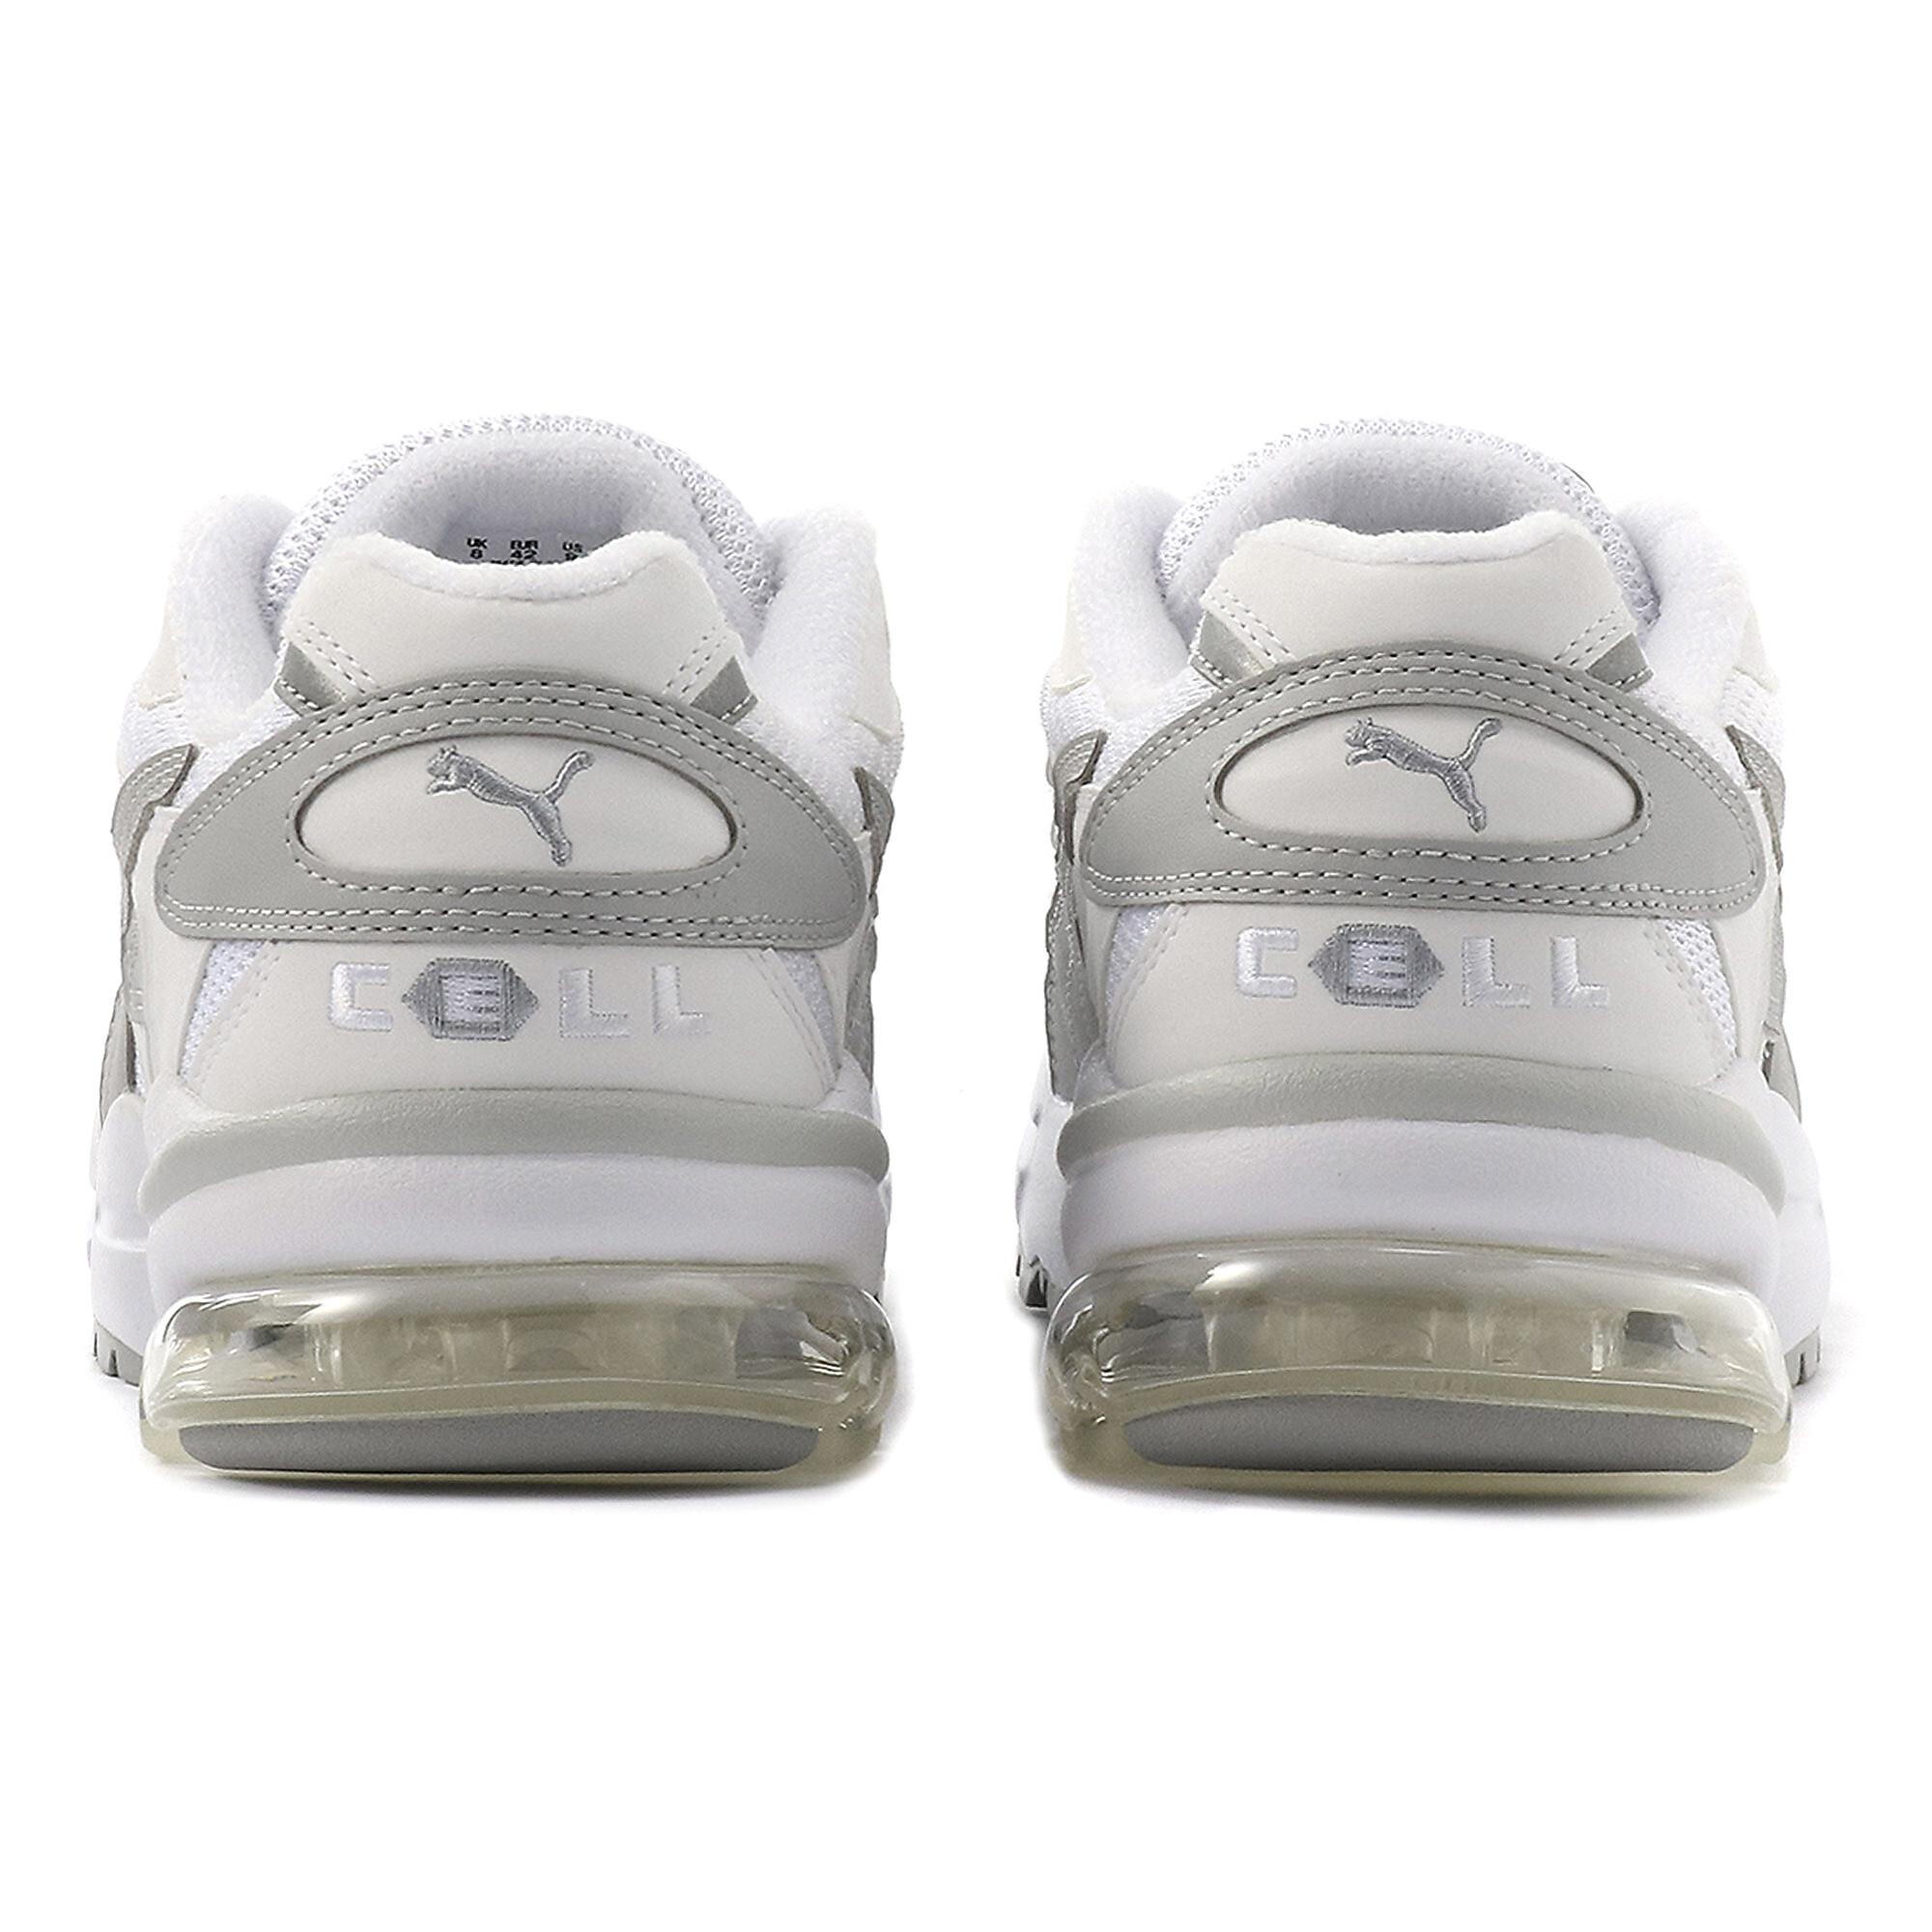 PUMA-CELL-Alien-OG-Men-039-s-Sneakers-Men-Shoe-Sport-Classics thumbnail 11